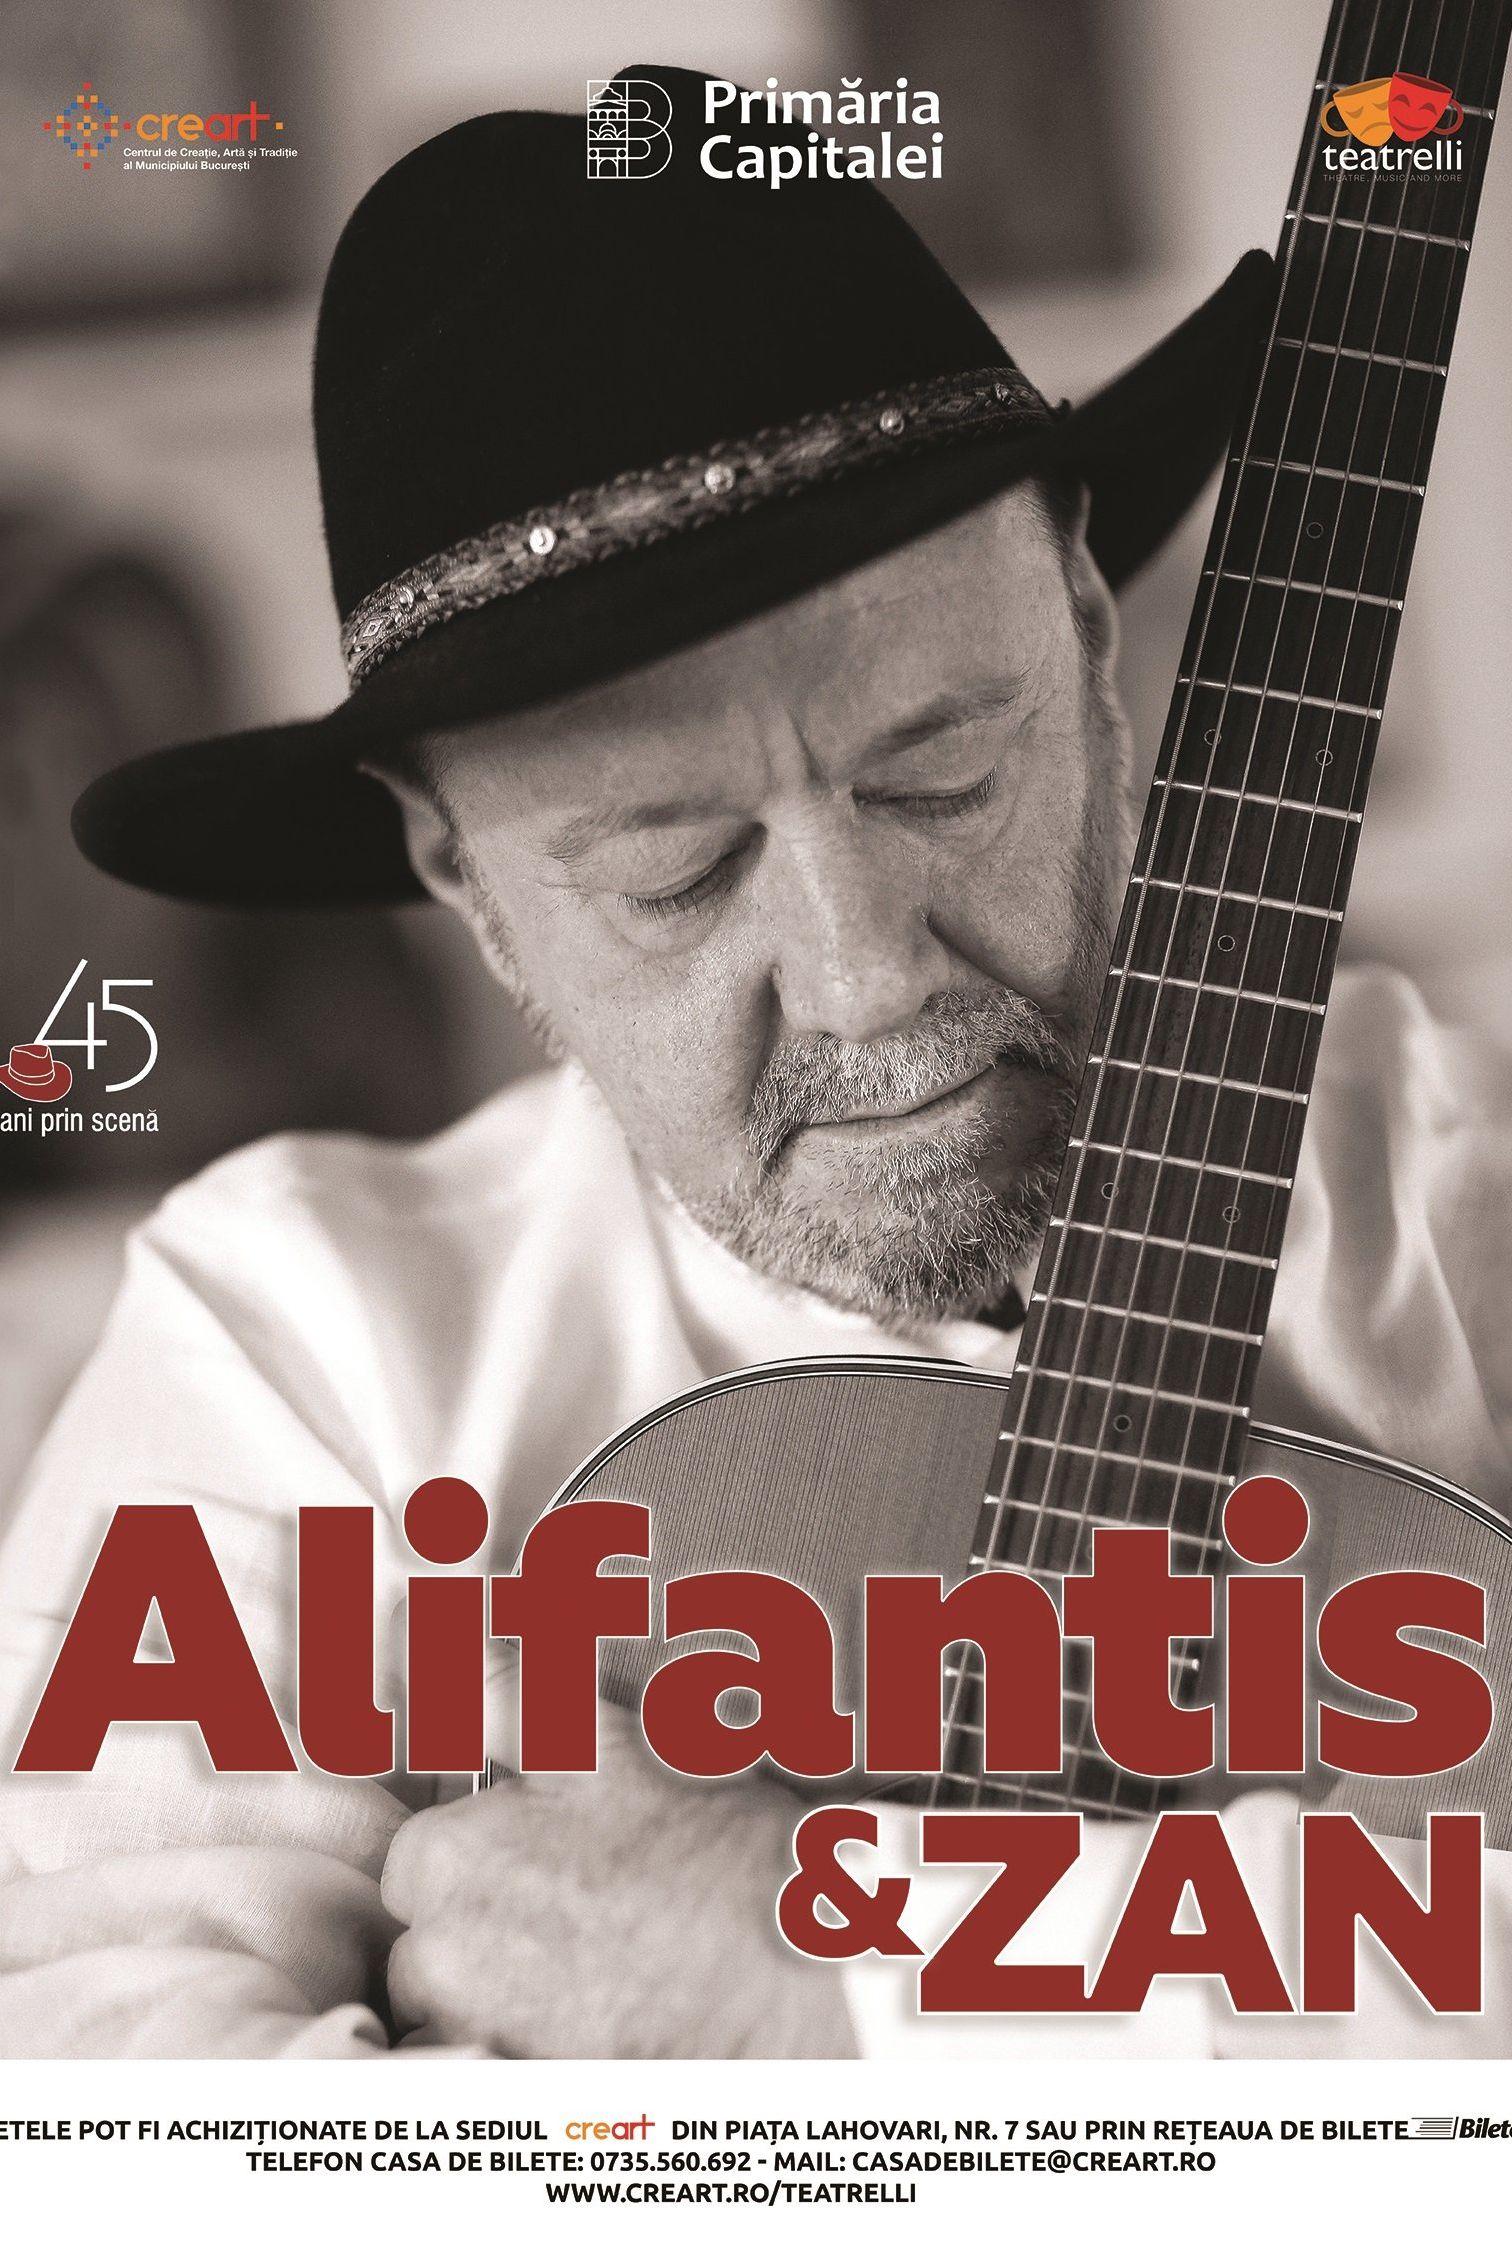 Nicu Alifantis & Zan la teatrelli - theatre, music & more